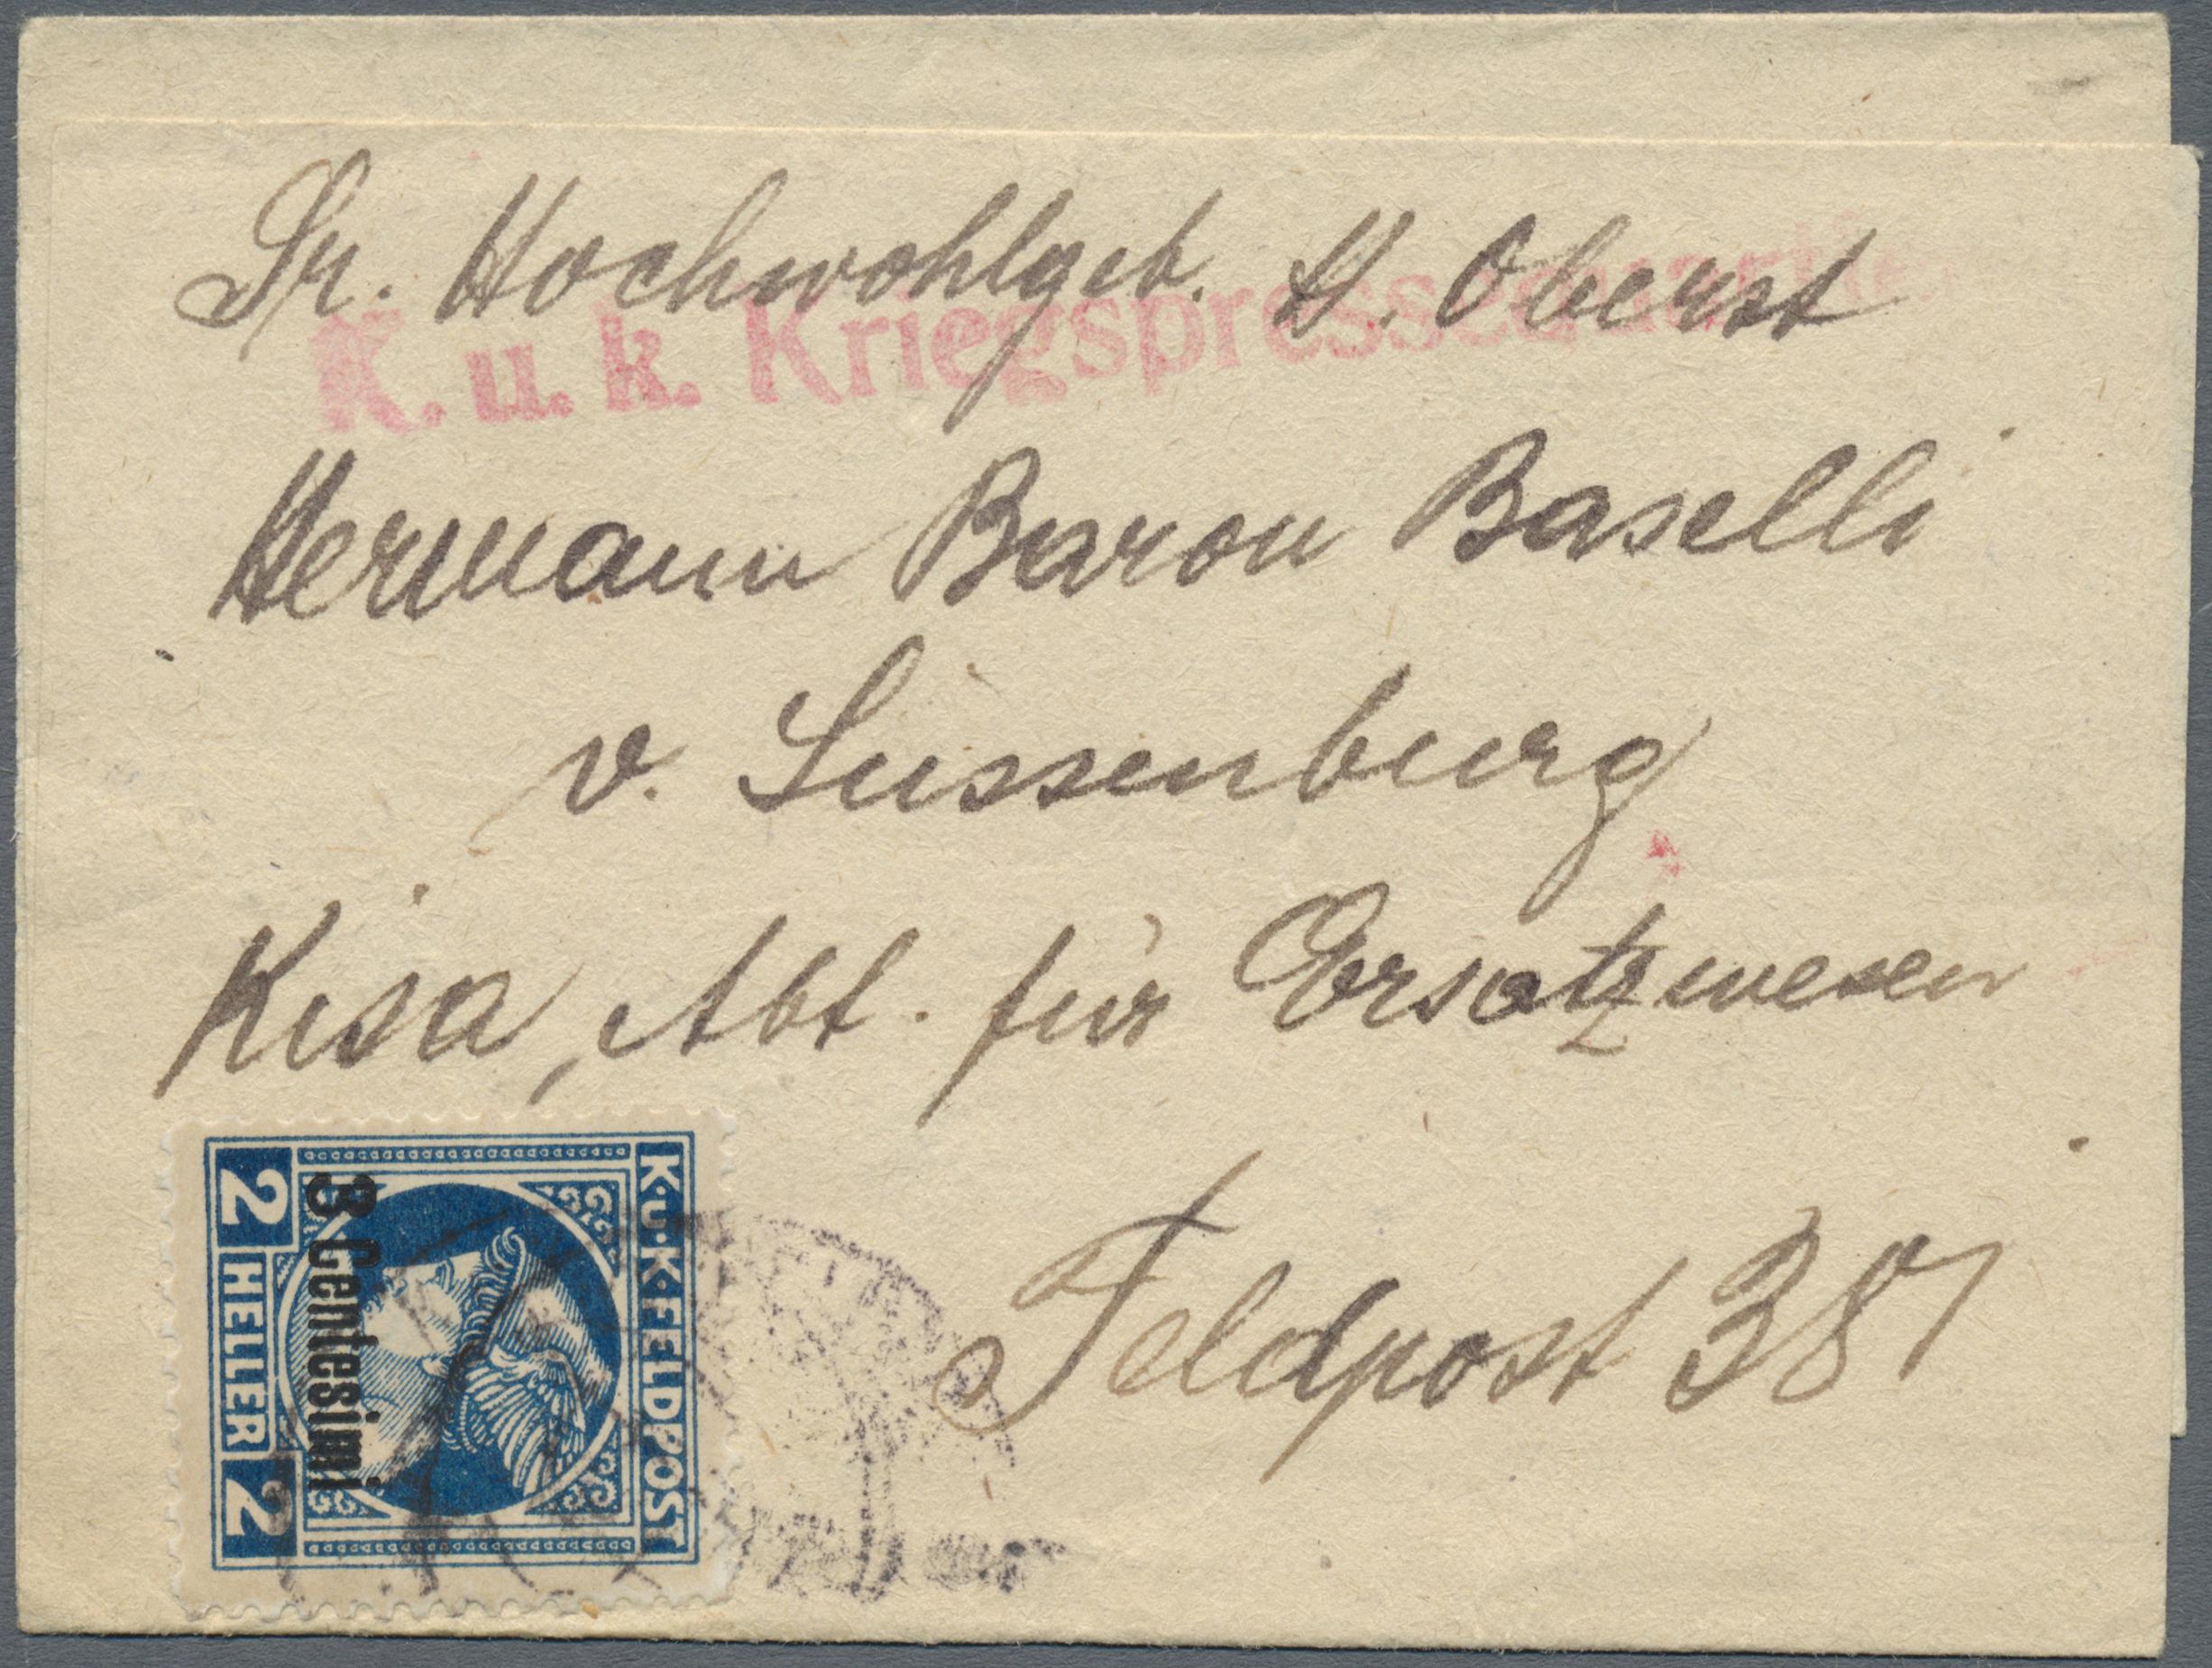 Lot 18207 - Österreichisch-Ungarische Feldpost - Italien  -  Auktionshaus Christoph Gärtner GmbH & Co. KG Single lots Philately Overseas & Europe. Auction #39 Day 4